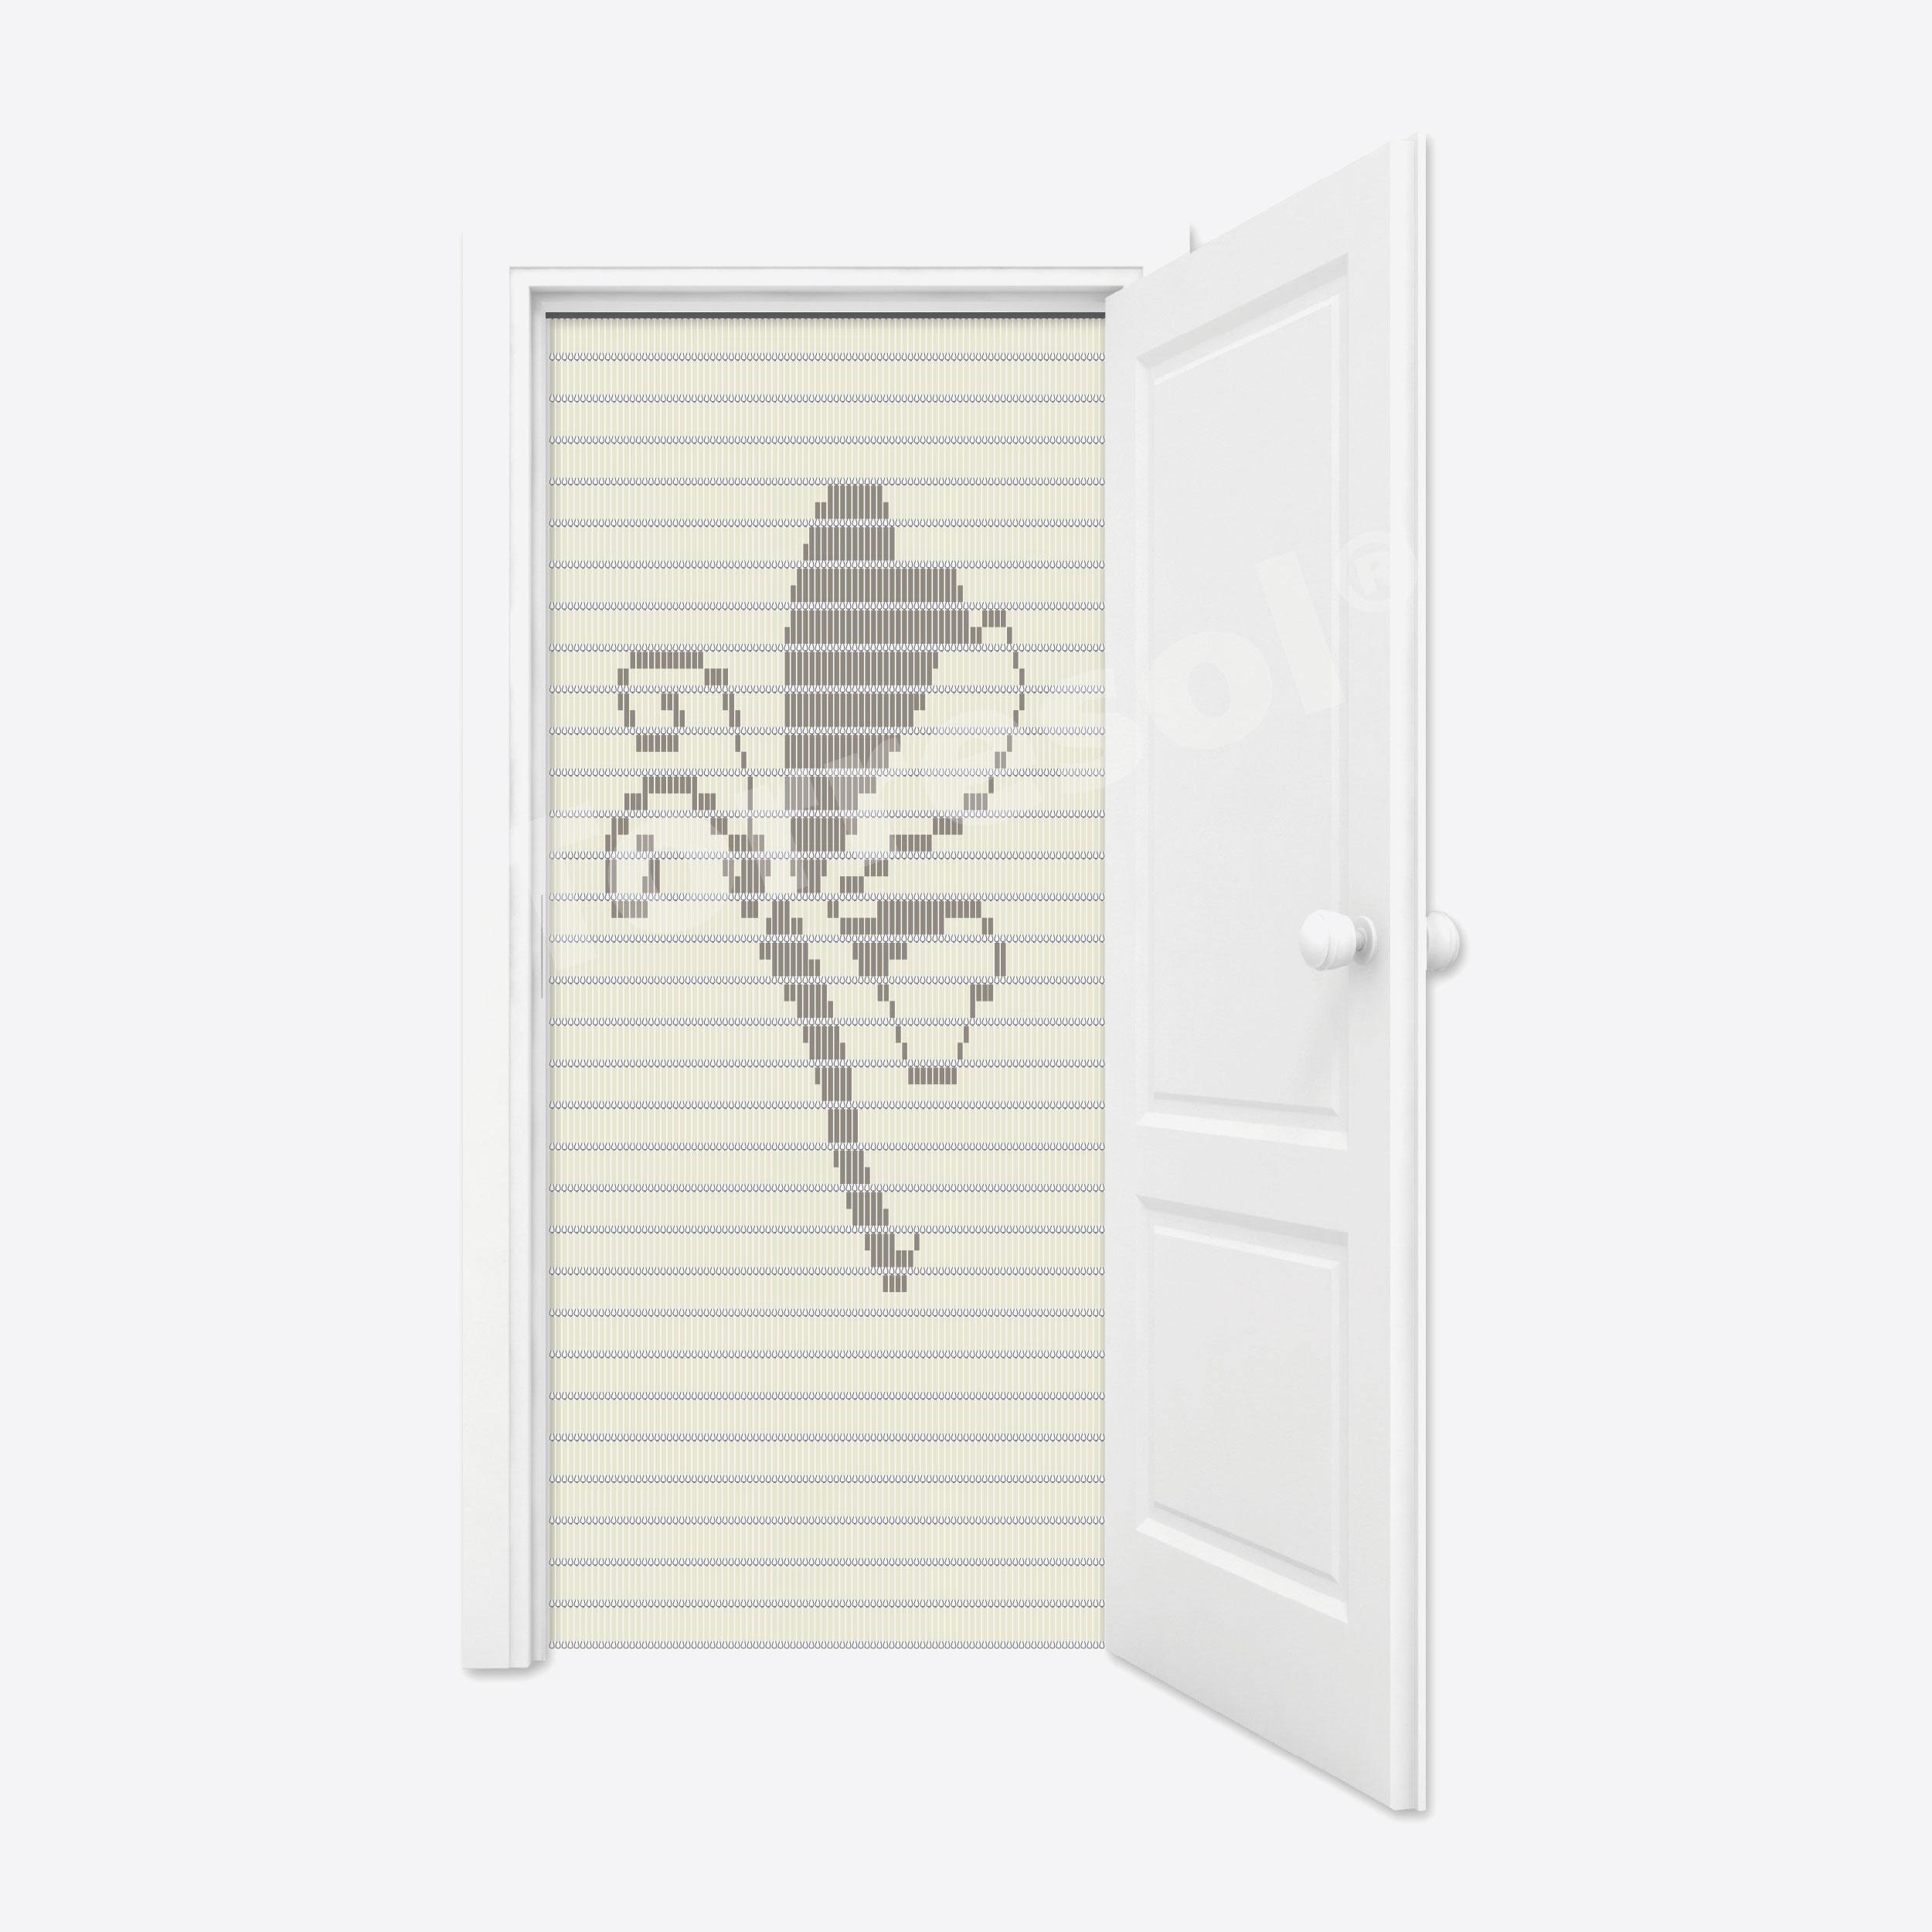 73. Vliegengordijn Libelle